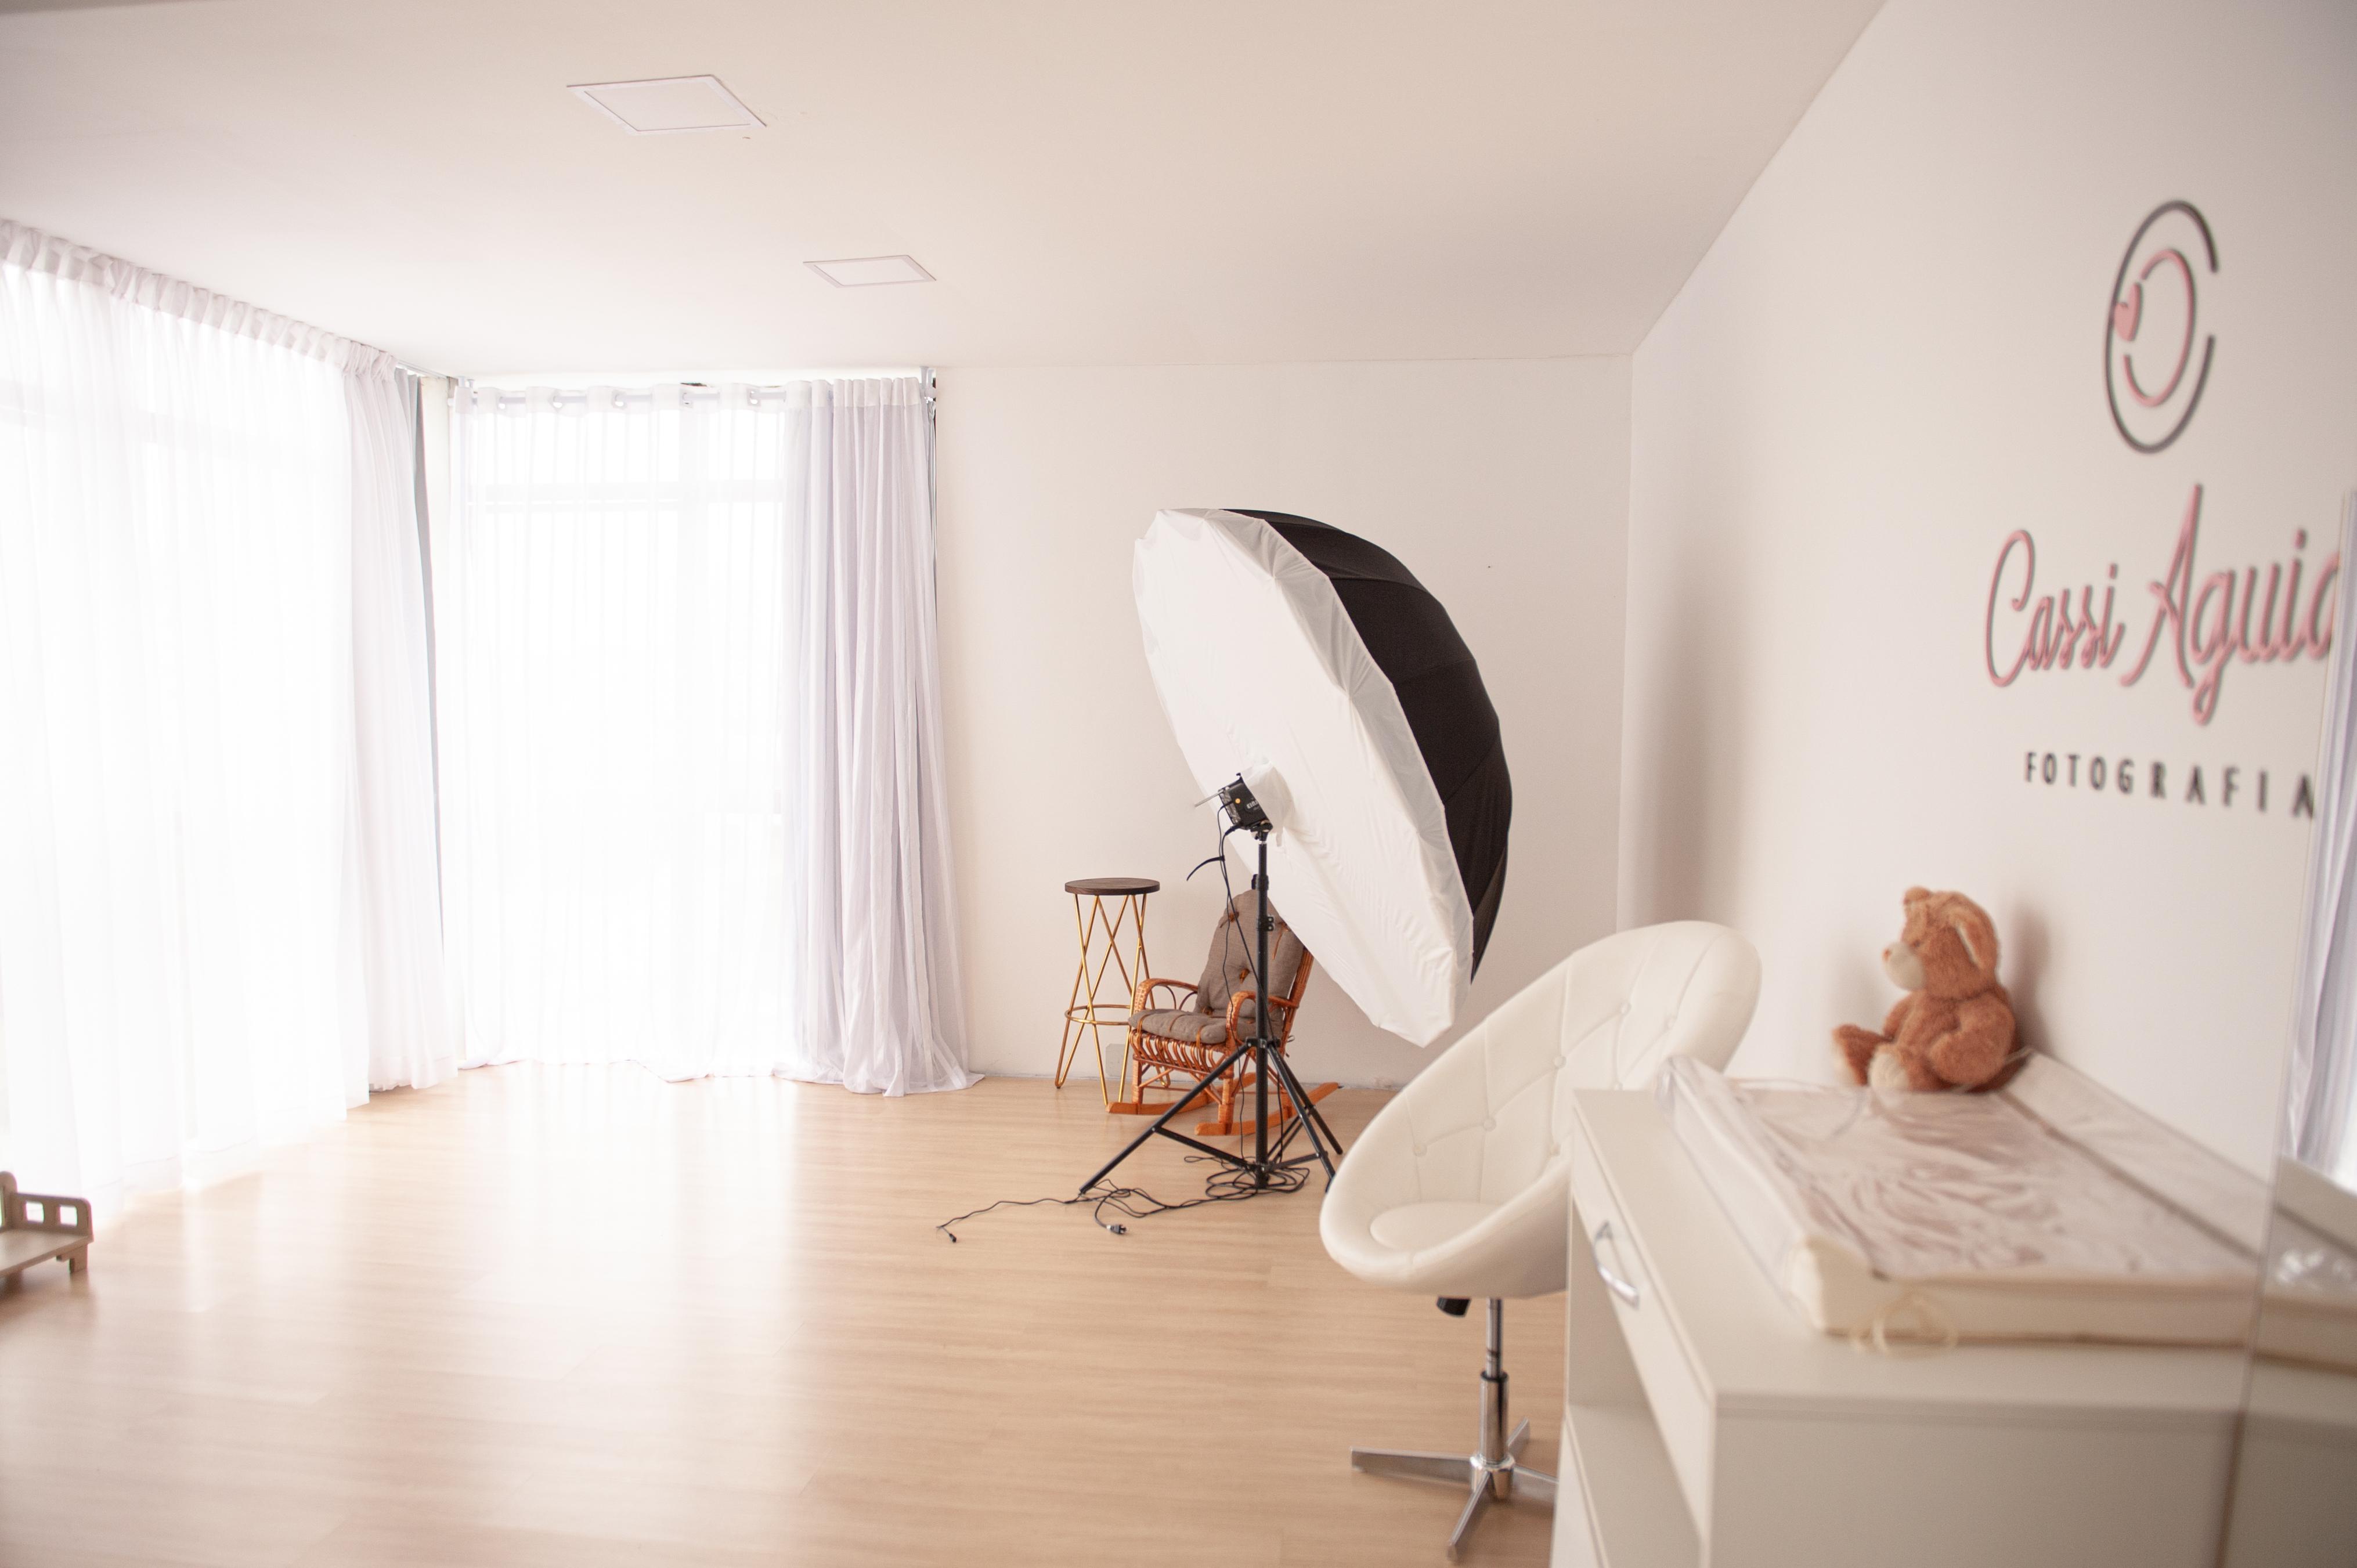 Contate www.cassiaguiar.com.br